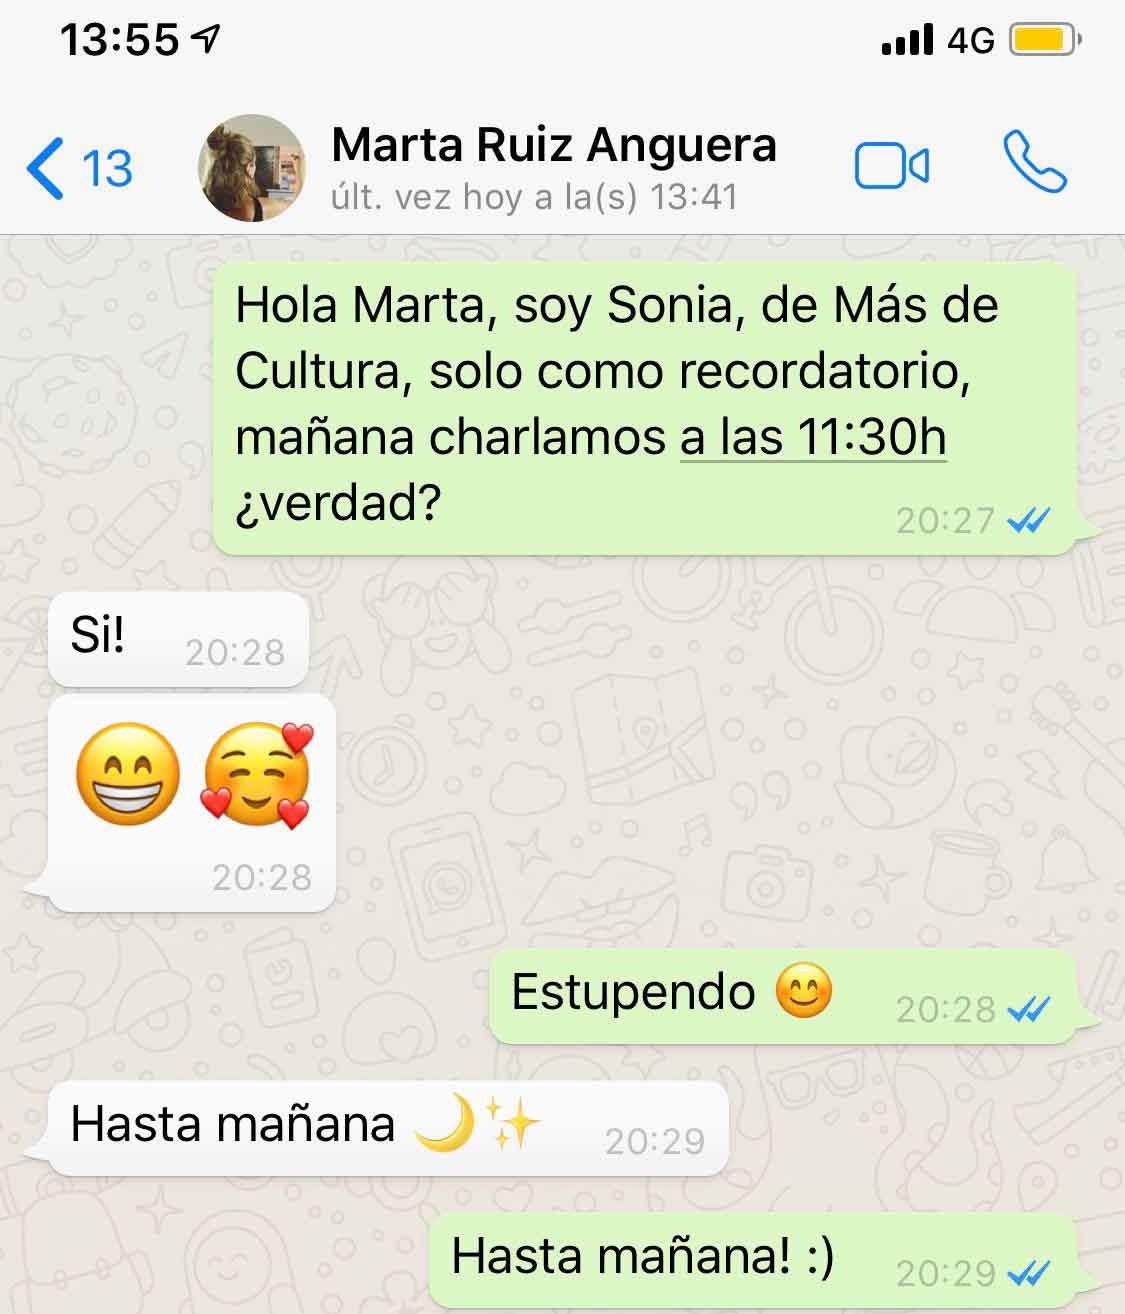 Marta Ruiz Anguera, Marta Ruiz Anguera, el hiperrealismo que se esconde tras una conversación de Whatsapp